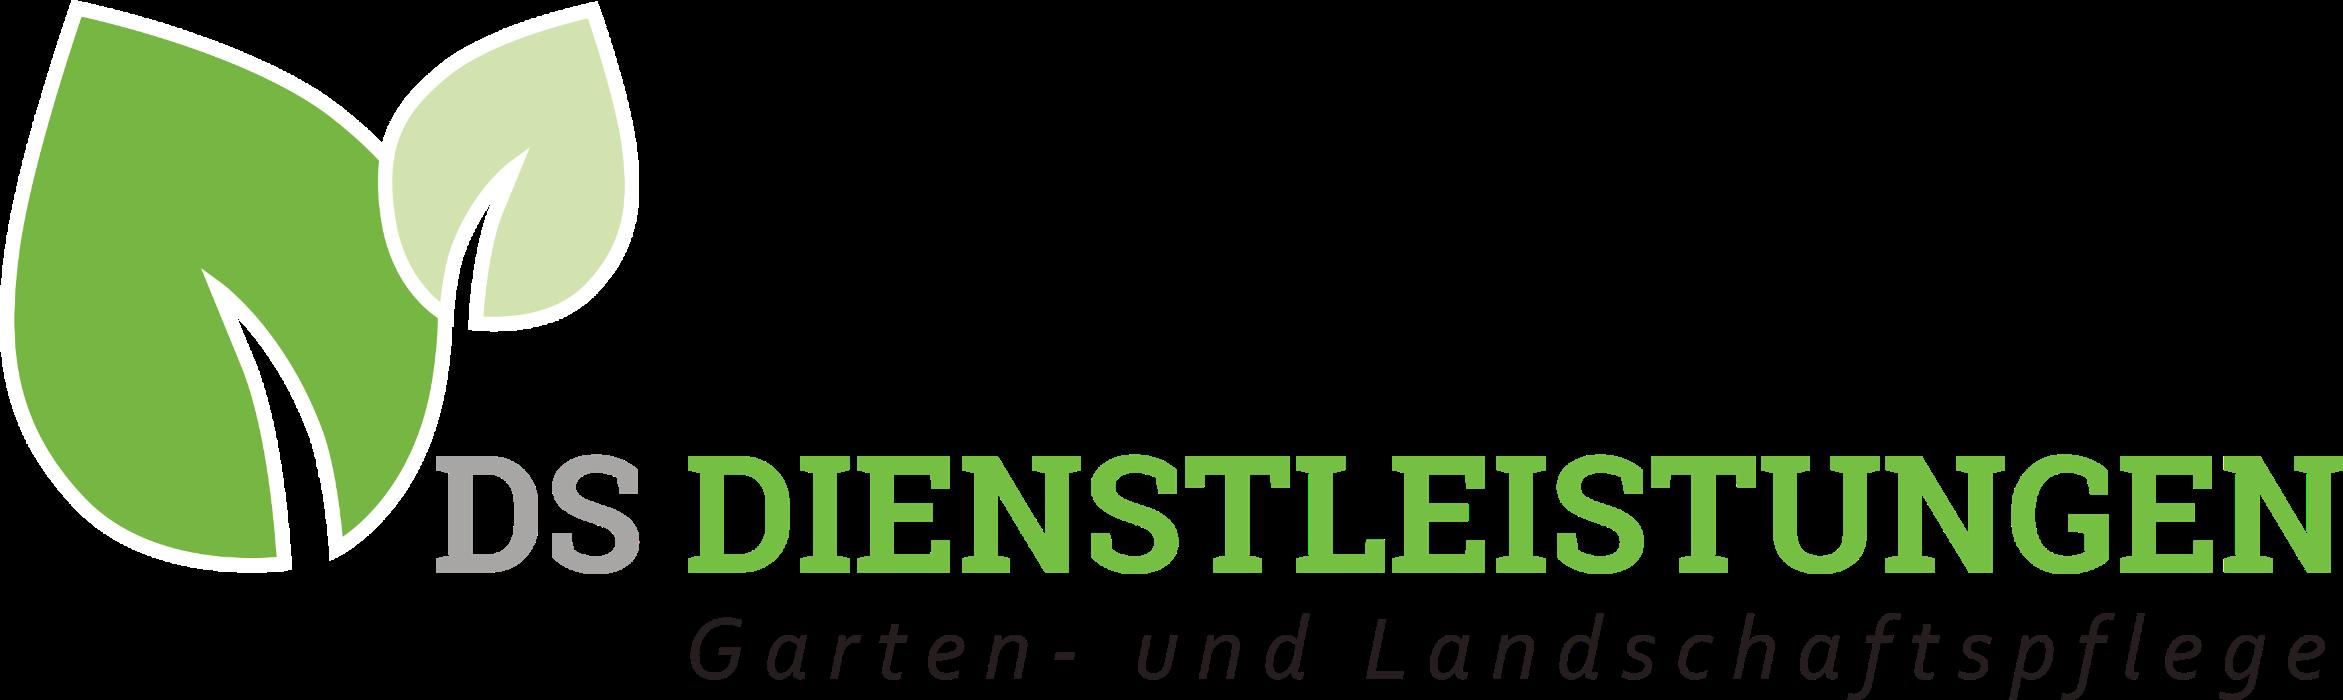 Bild zu DS-Dienstleistungen Garten & Landschaftspflege in Korb